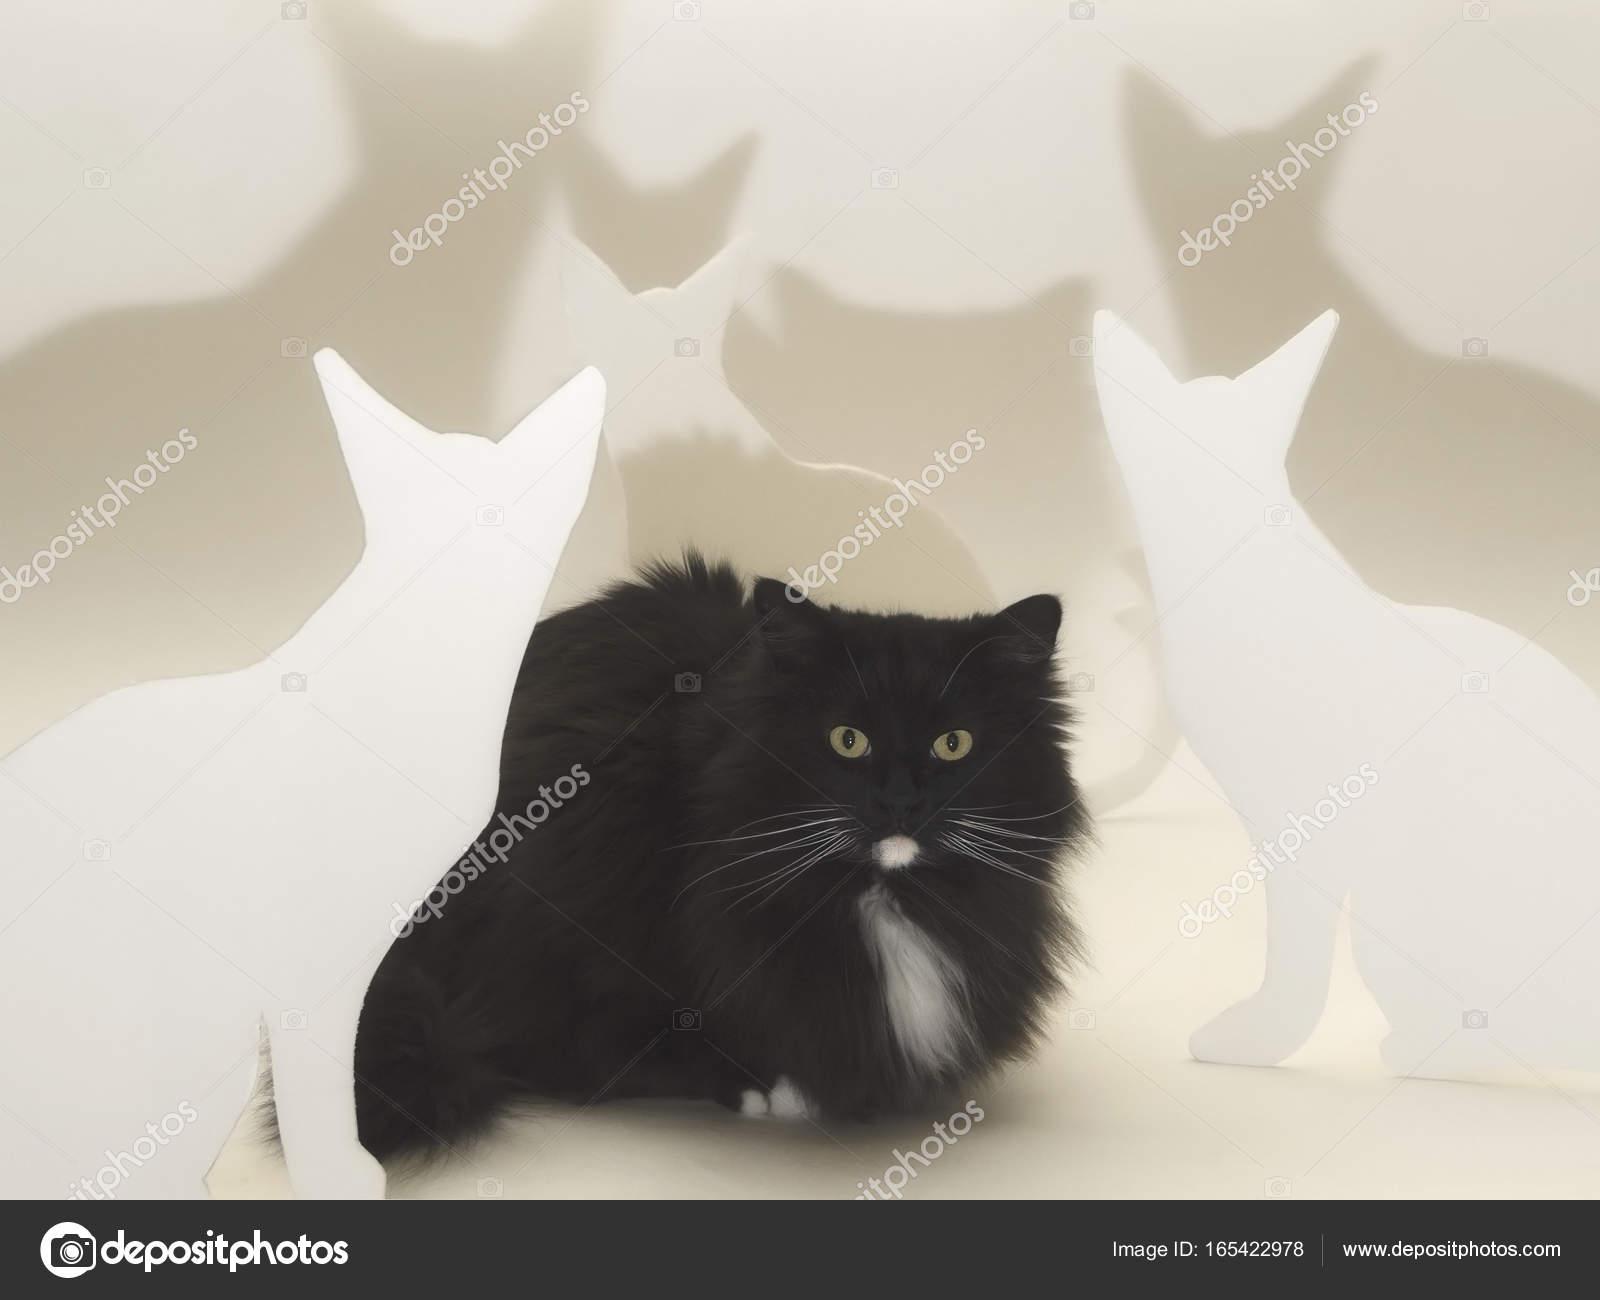 Czarny Kot Perski Siedząc Z Kształtami Biały Kot Zdjęcie Stockowe